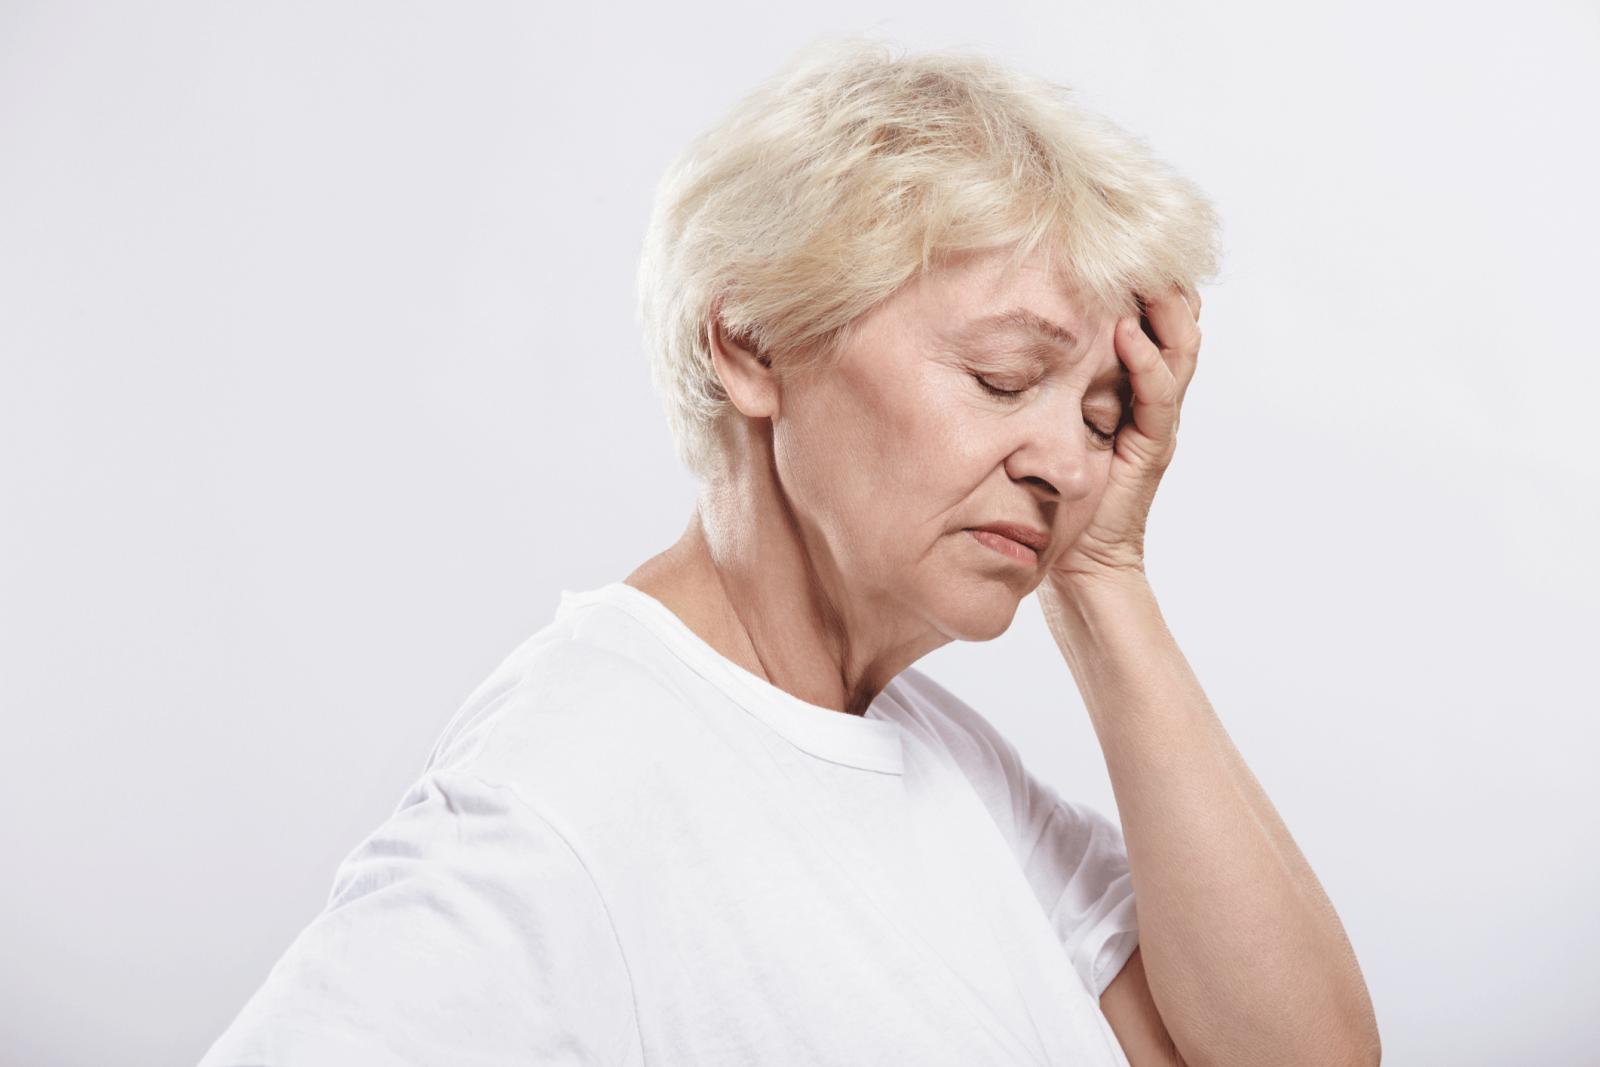 Церебральный атеросклероз - болезнь, способная лишить вас счастливой старости